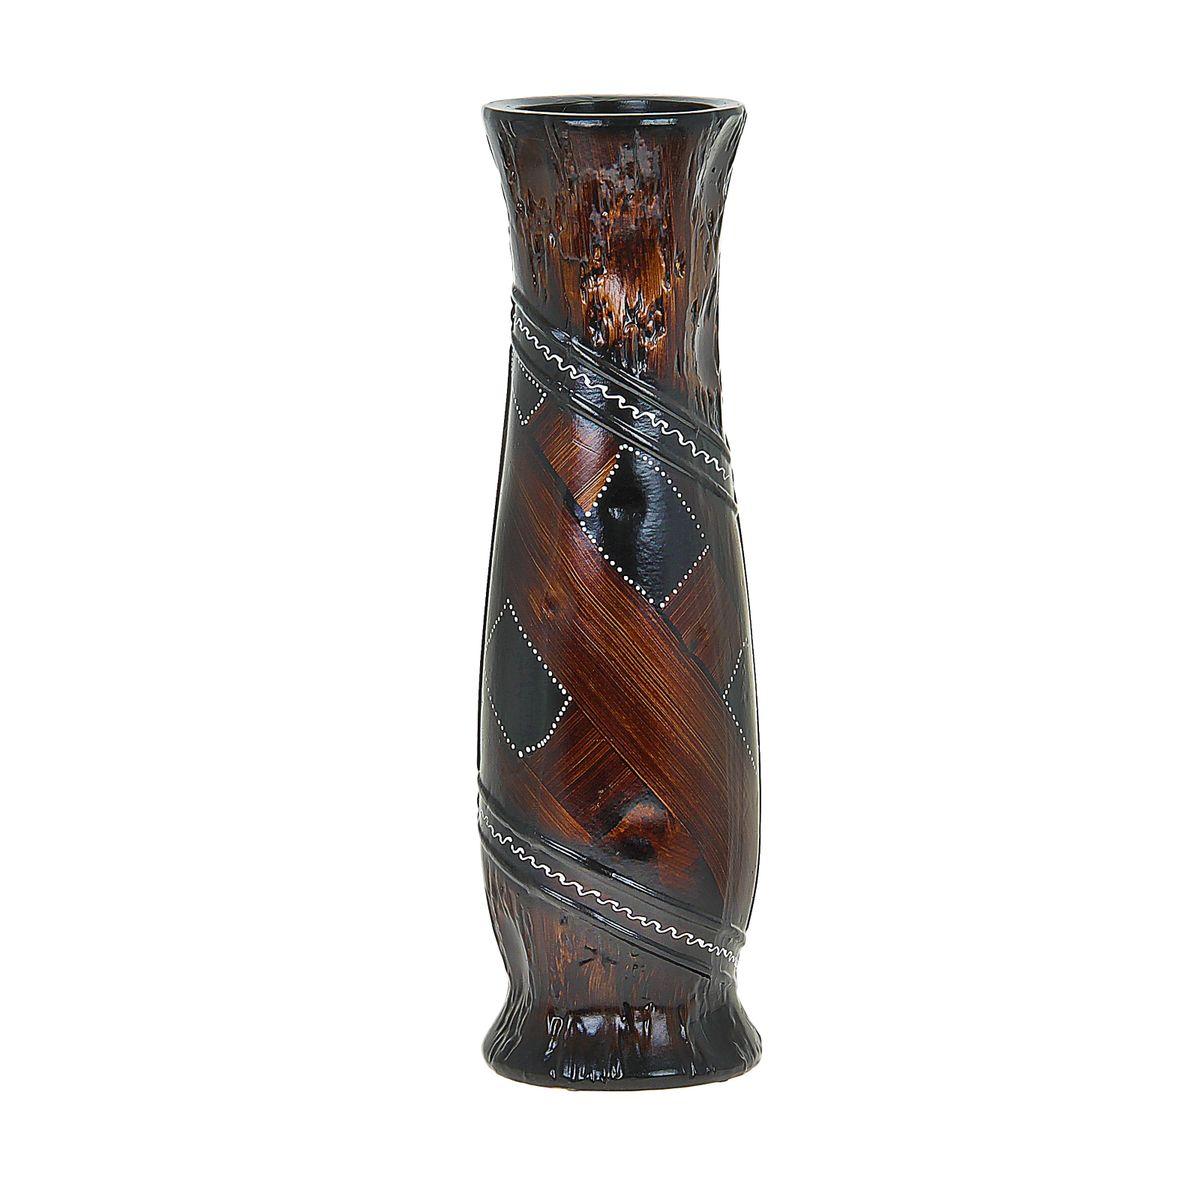 Ваза напольная Вставка, цвет: коричневый, высота 60 см. 851267851267Напольная ваза  Вставка, выполненная из керамики, станет изысканным украшением интерьера. Она предназначена как для живых, так и для искусственных цветов. Интересная форма и необычное оформление сделают эту вазу замечательным украшением интерьера. Любое помещение выглядит незавершенным без правильно расположенных предметов интерьера. Они помогают создать уют, расставить акценты, подчеркнуть достоинства или скрыть недостатки.